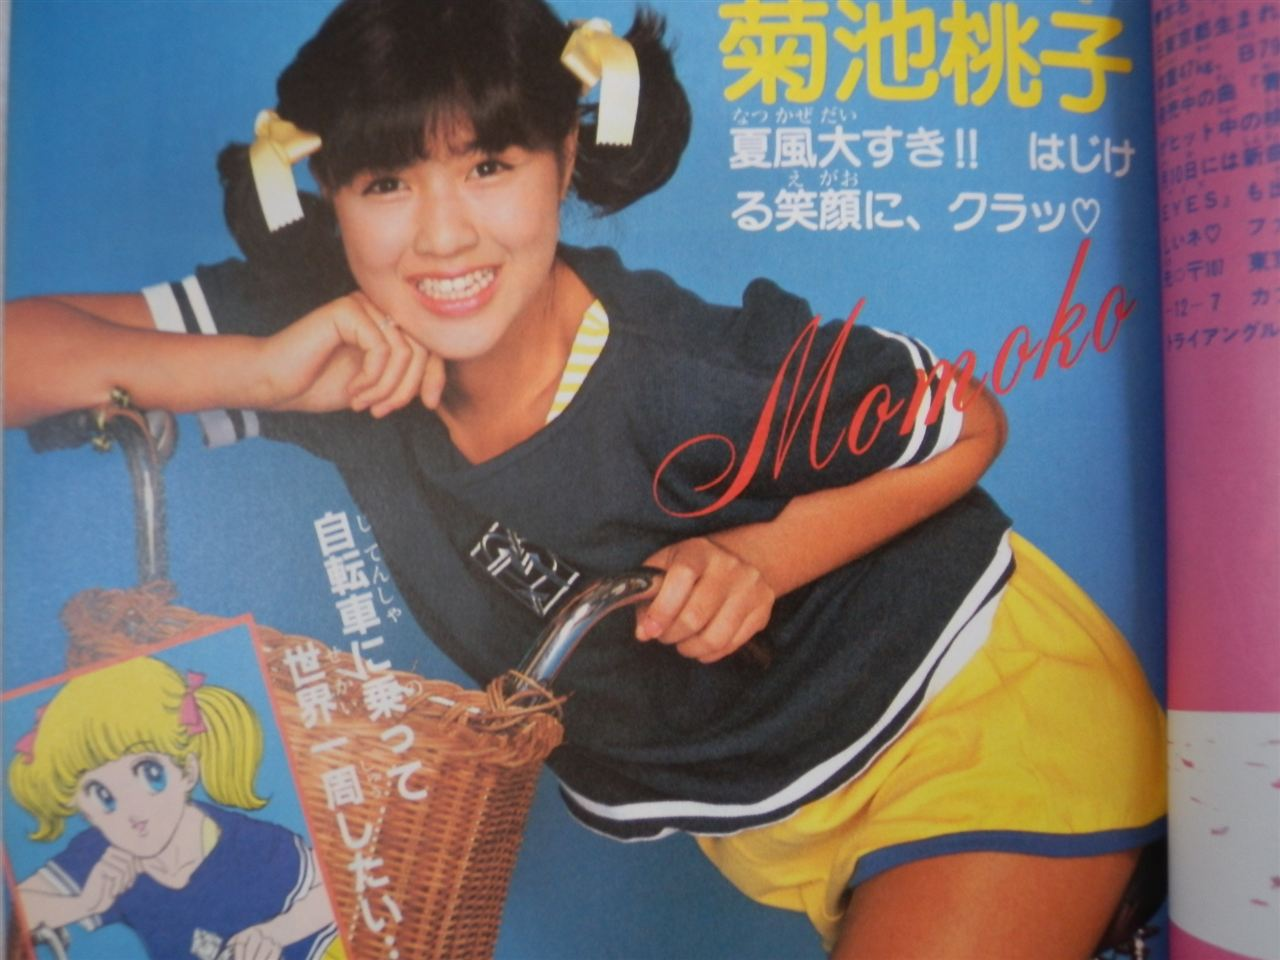 ツインテールで少女漫画のキャラと同じ格好をする菊池桃子